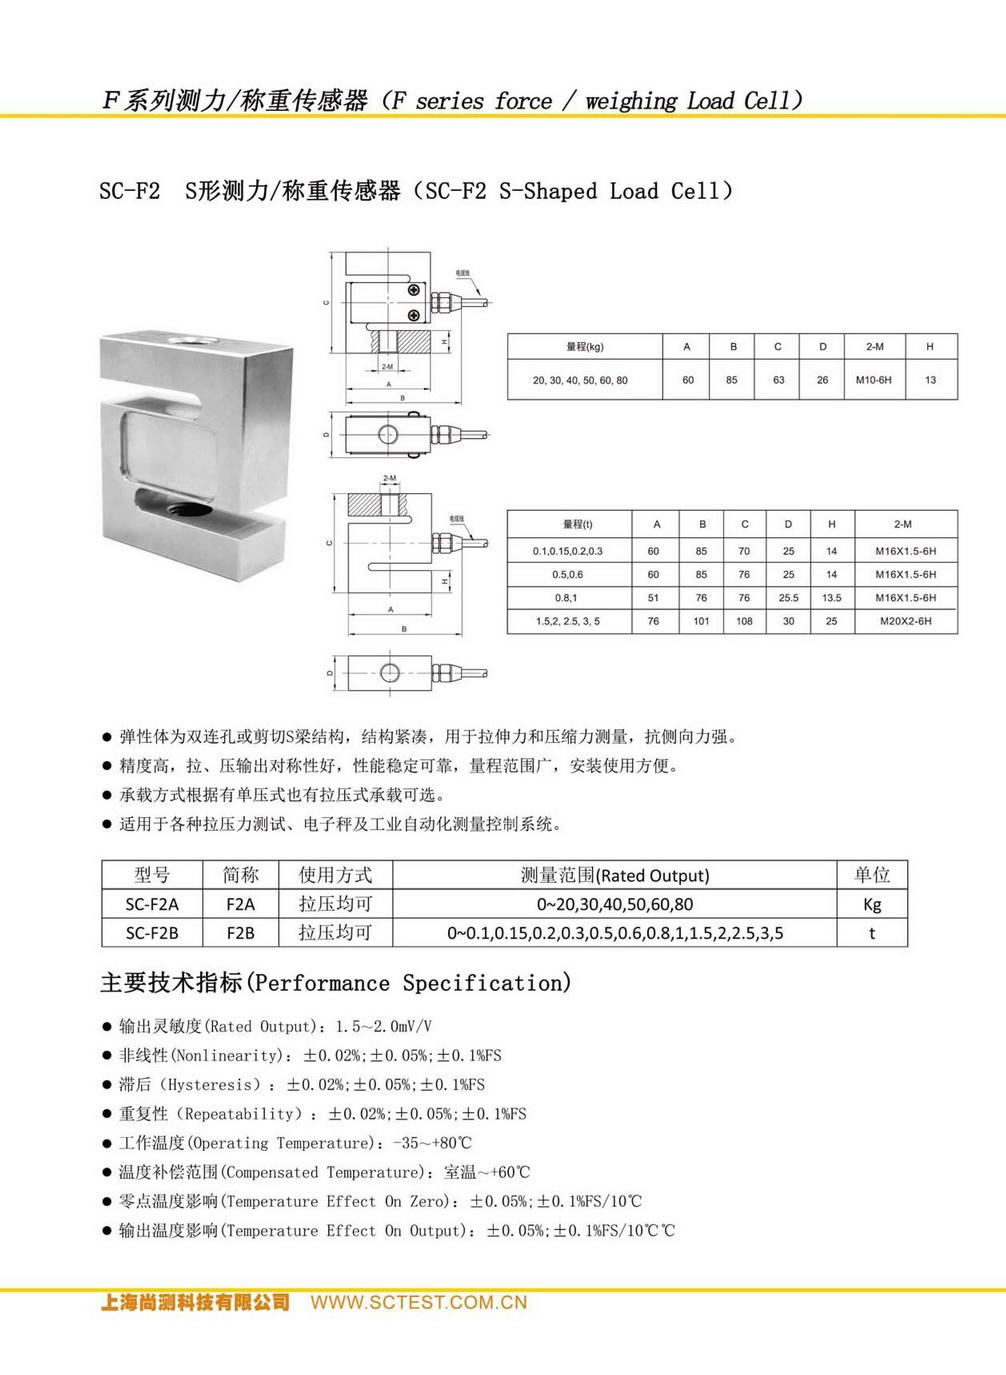 尚测科技产品选型手册 V1.3_页面_03_调整大小.jpg